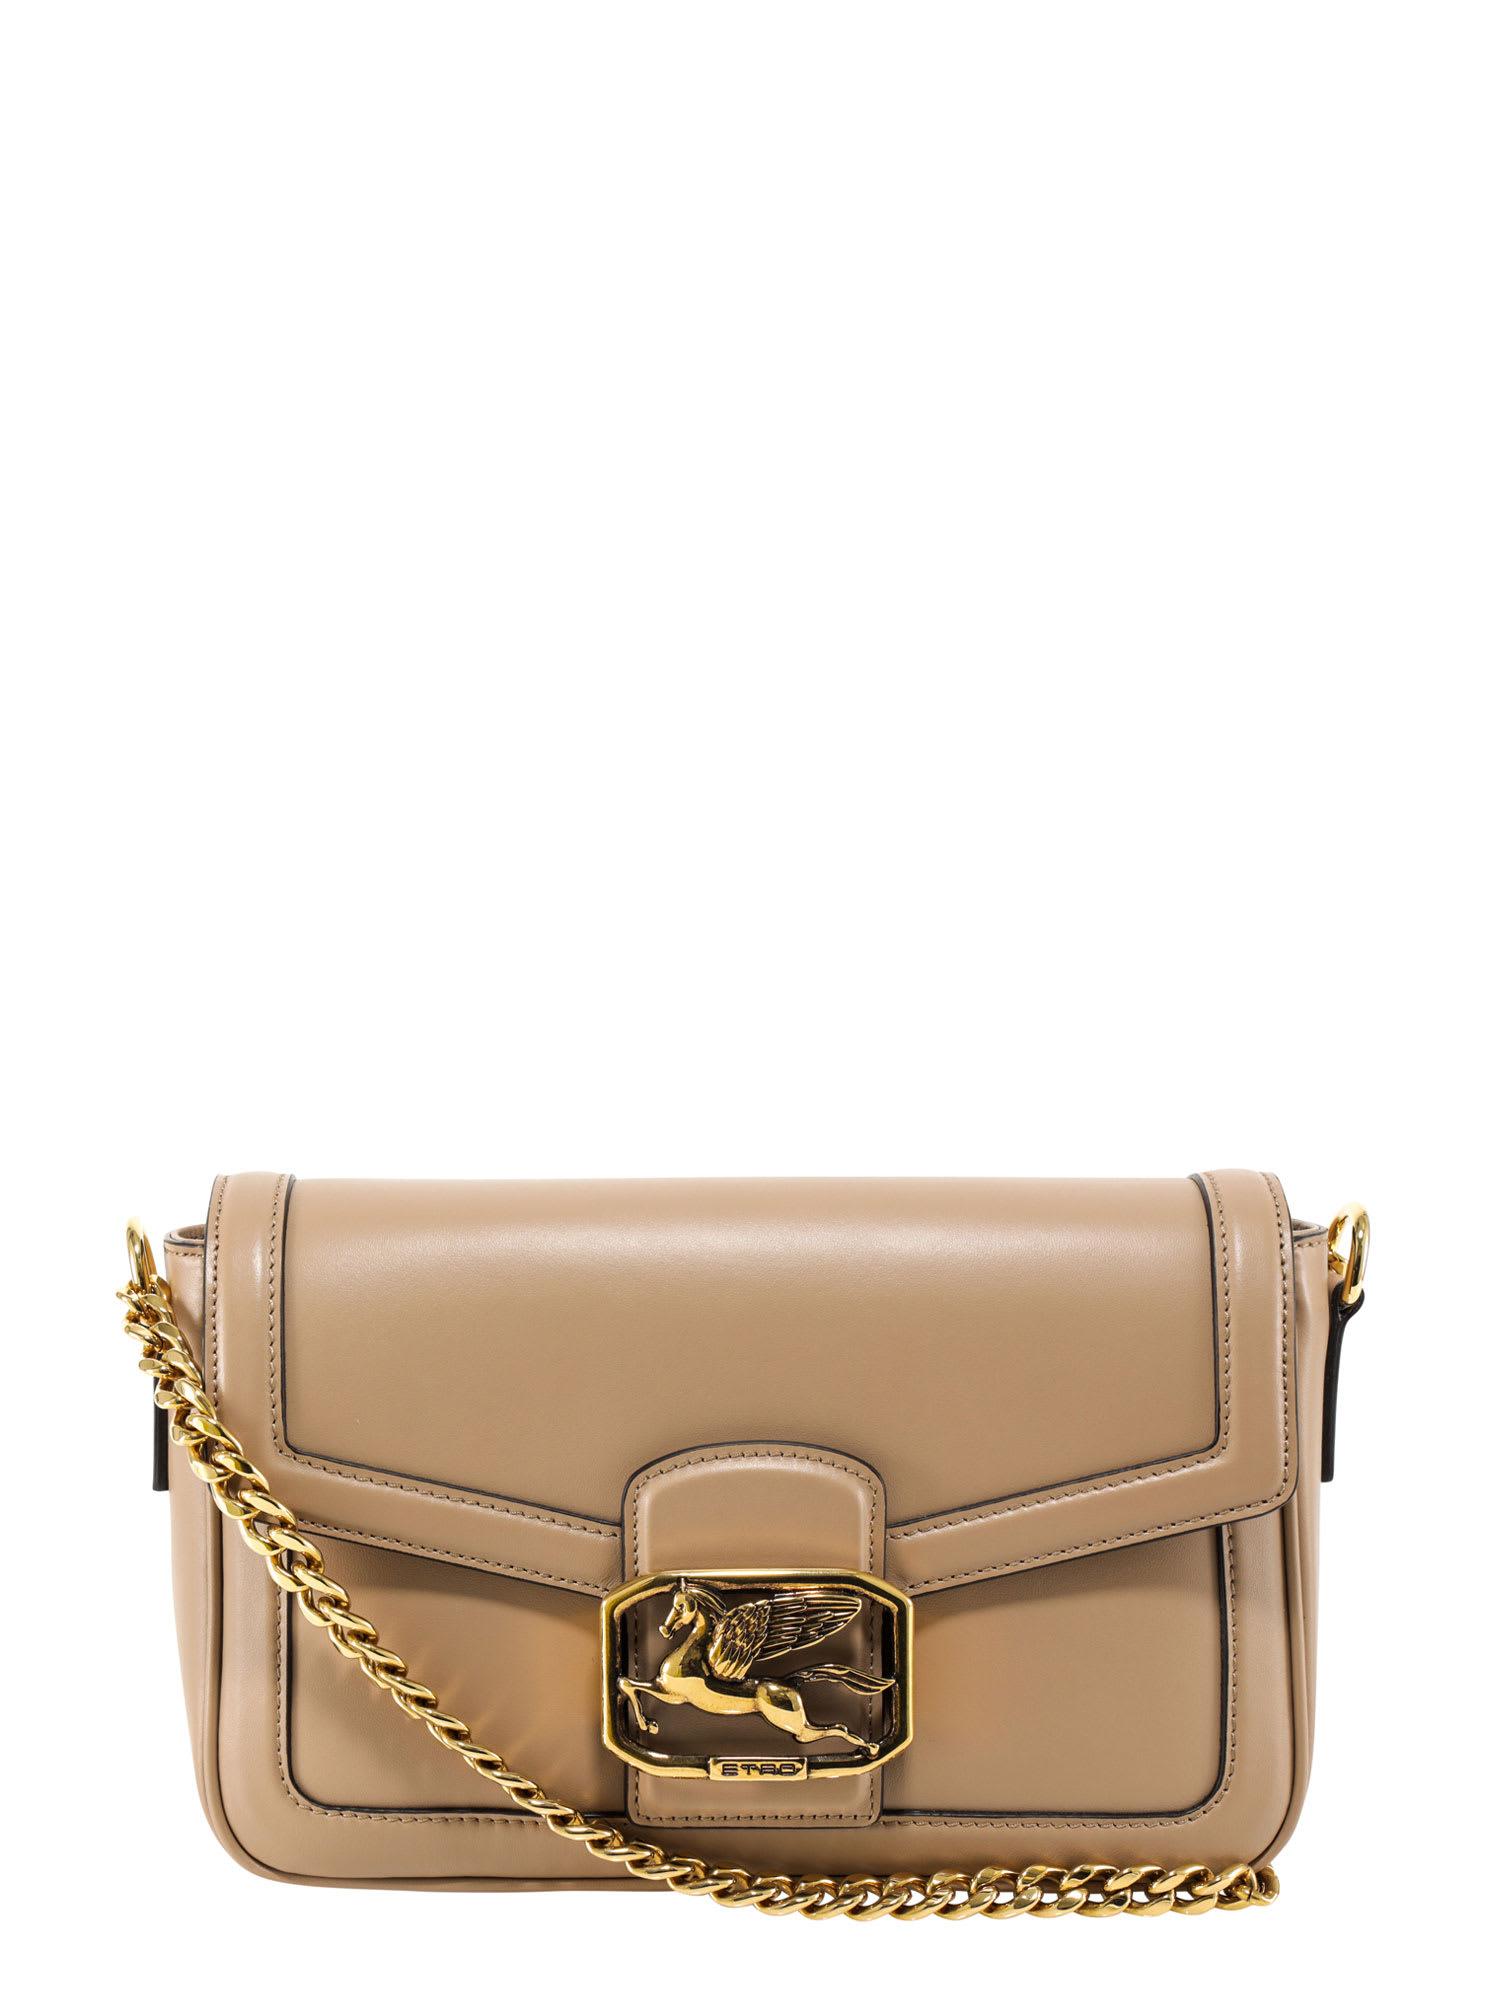 Etro Leathers SHOULDER BAG